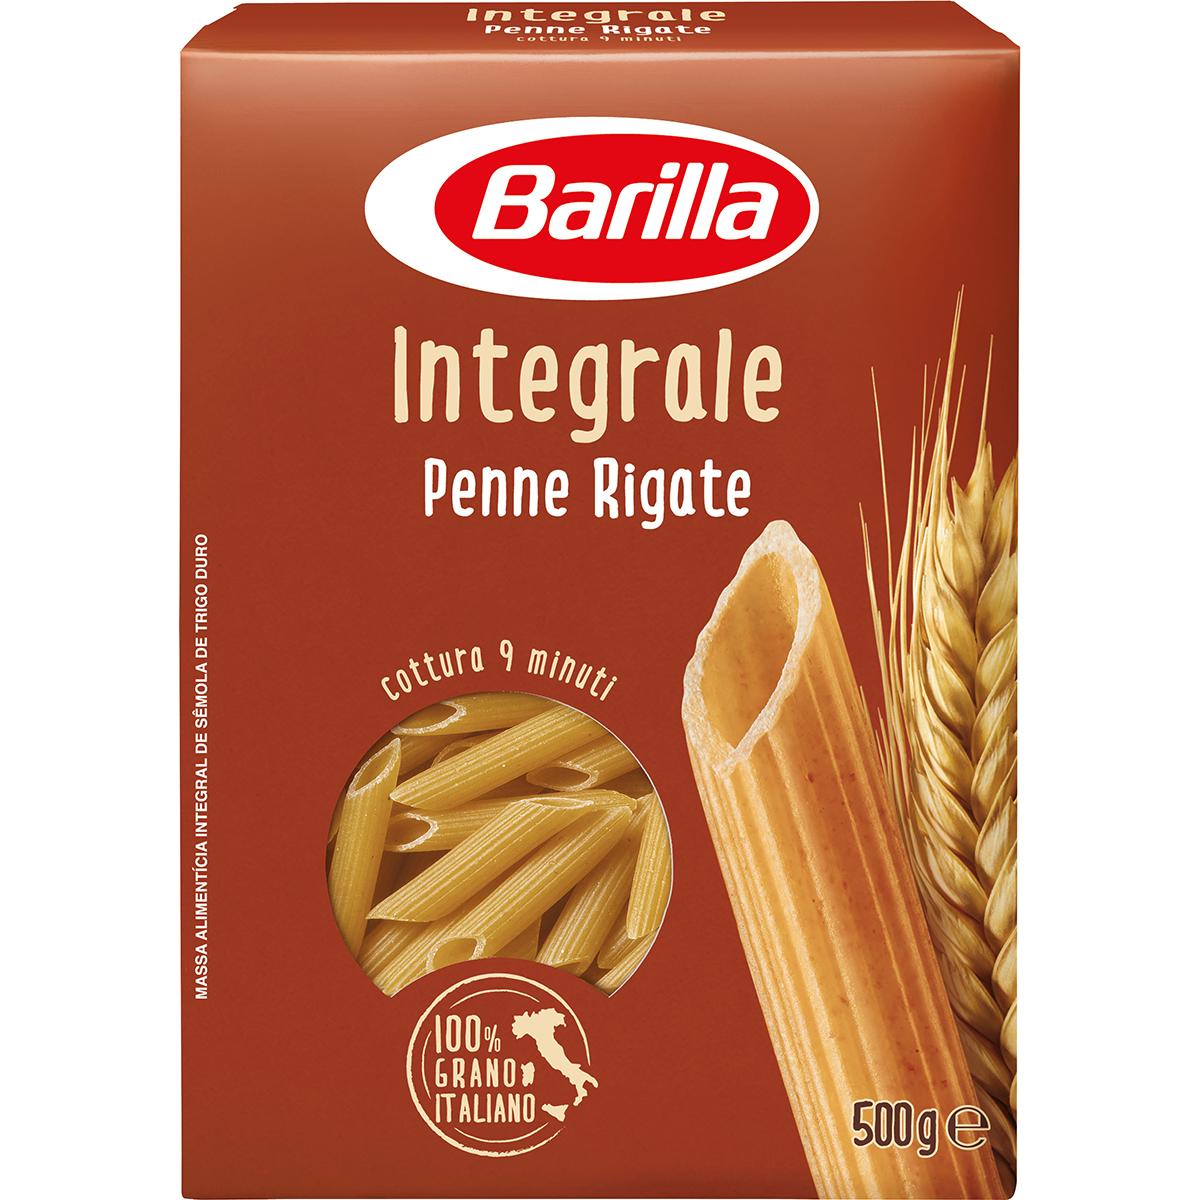 Paste Penne Rigate Integrali Barilla, 500 g imagine